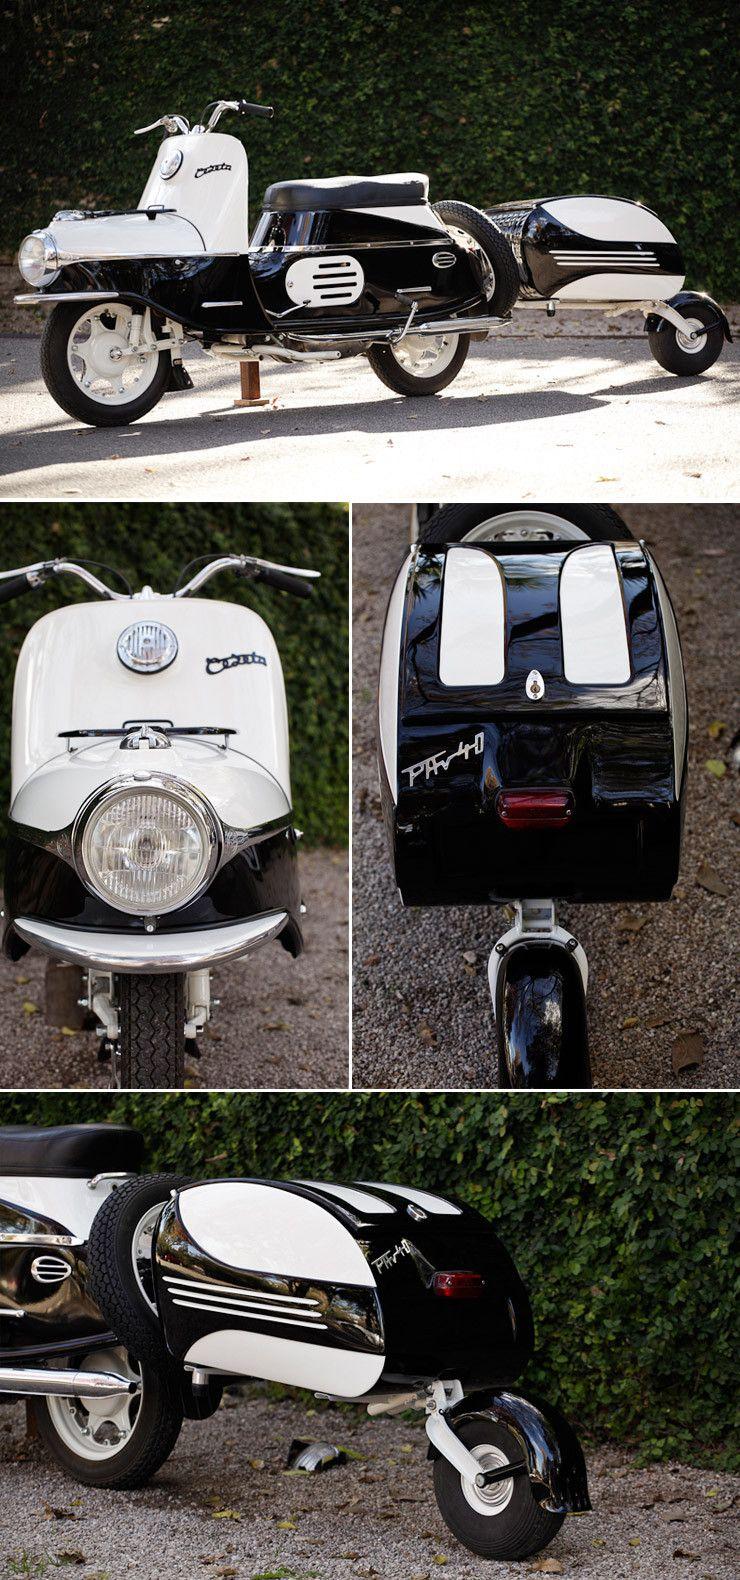 1958 CZ Cezeta 501 By Austin Paintworks Retro scooter